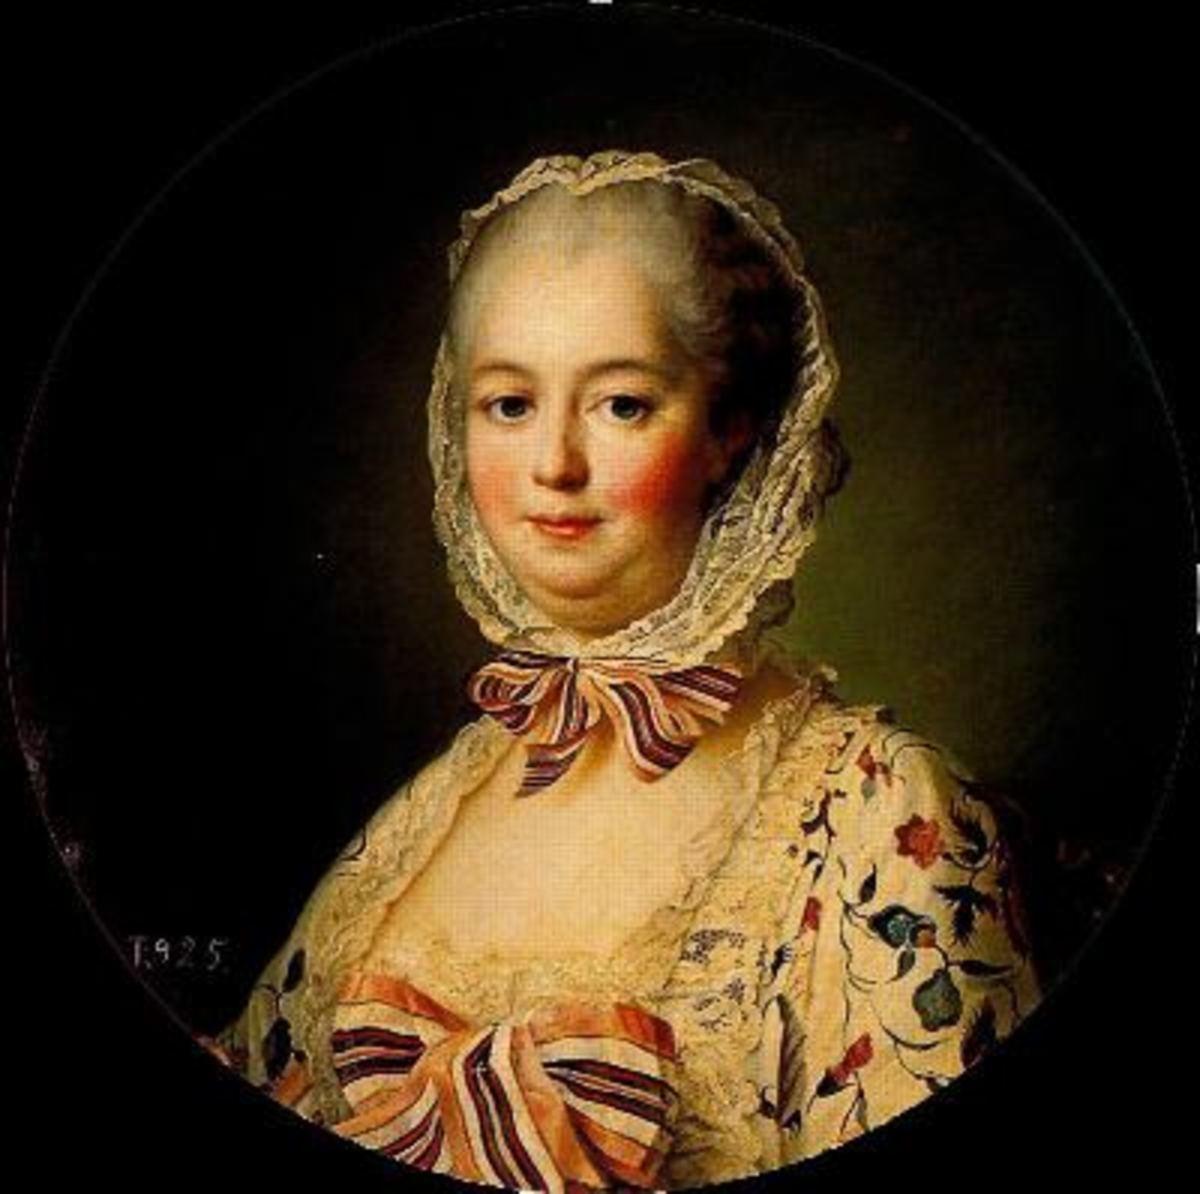 Madame de Pompadour's memorial portrait by J.H. Drouais. 1764.